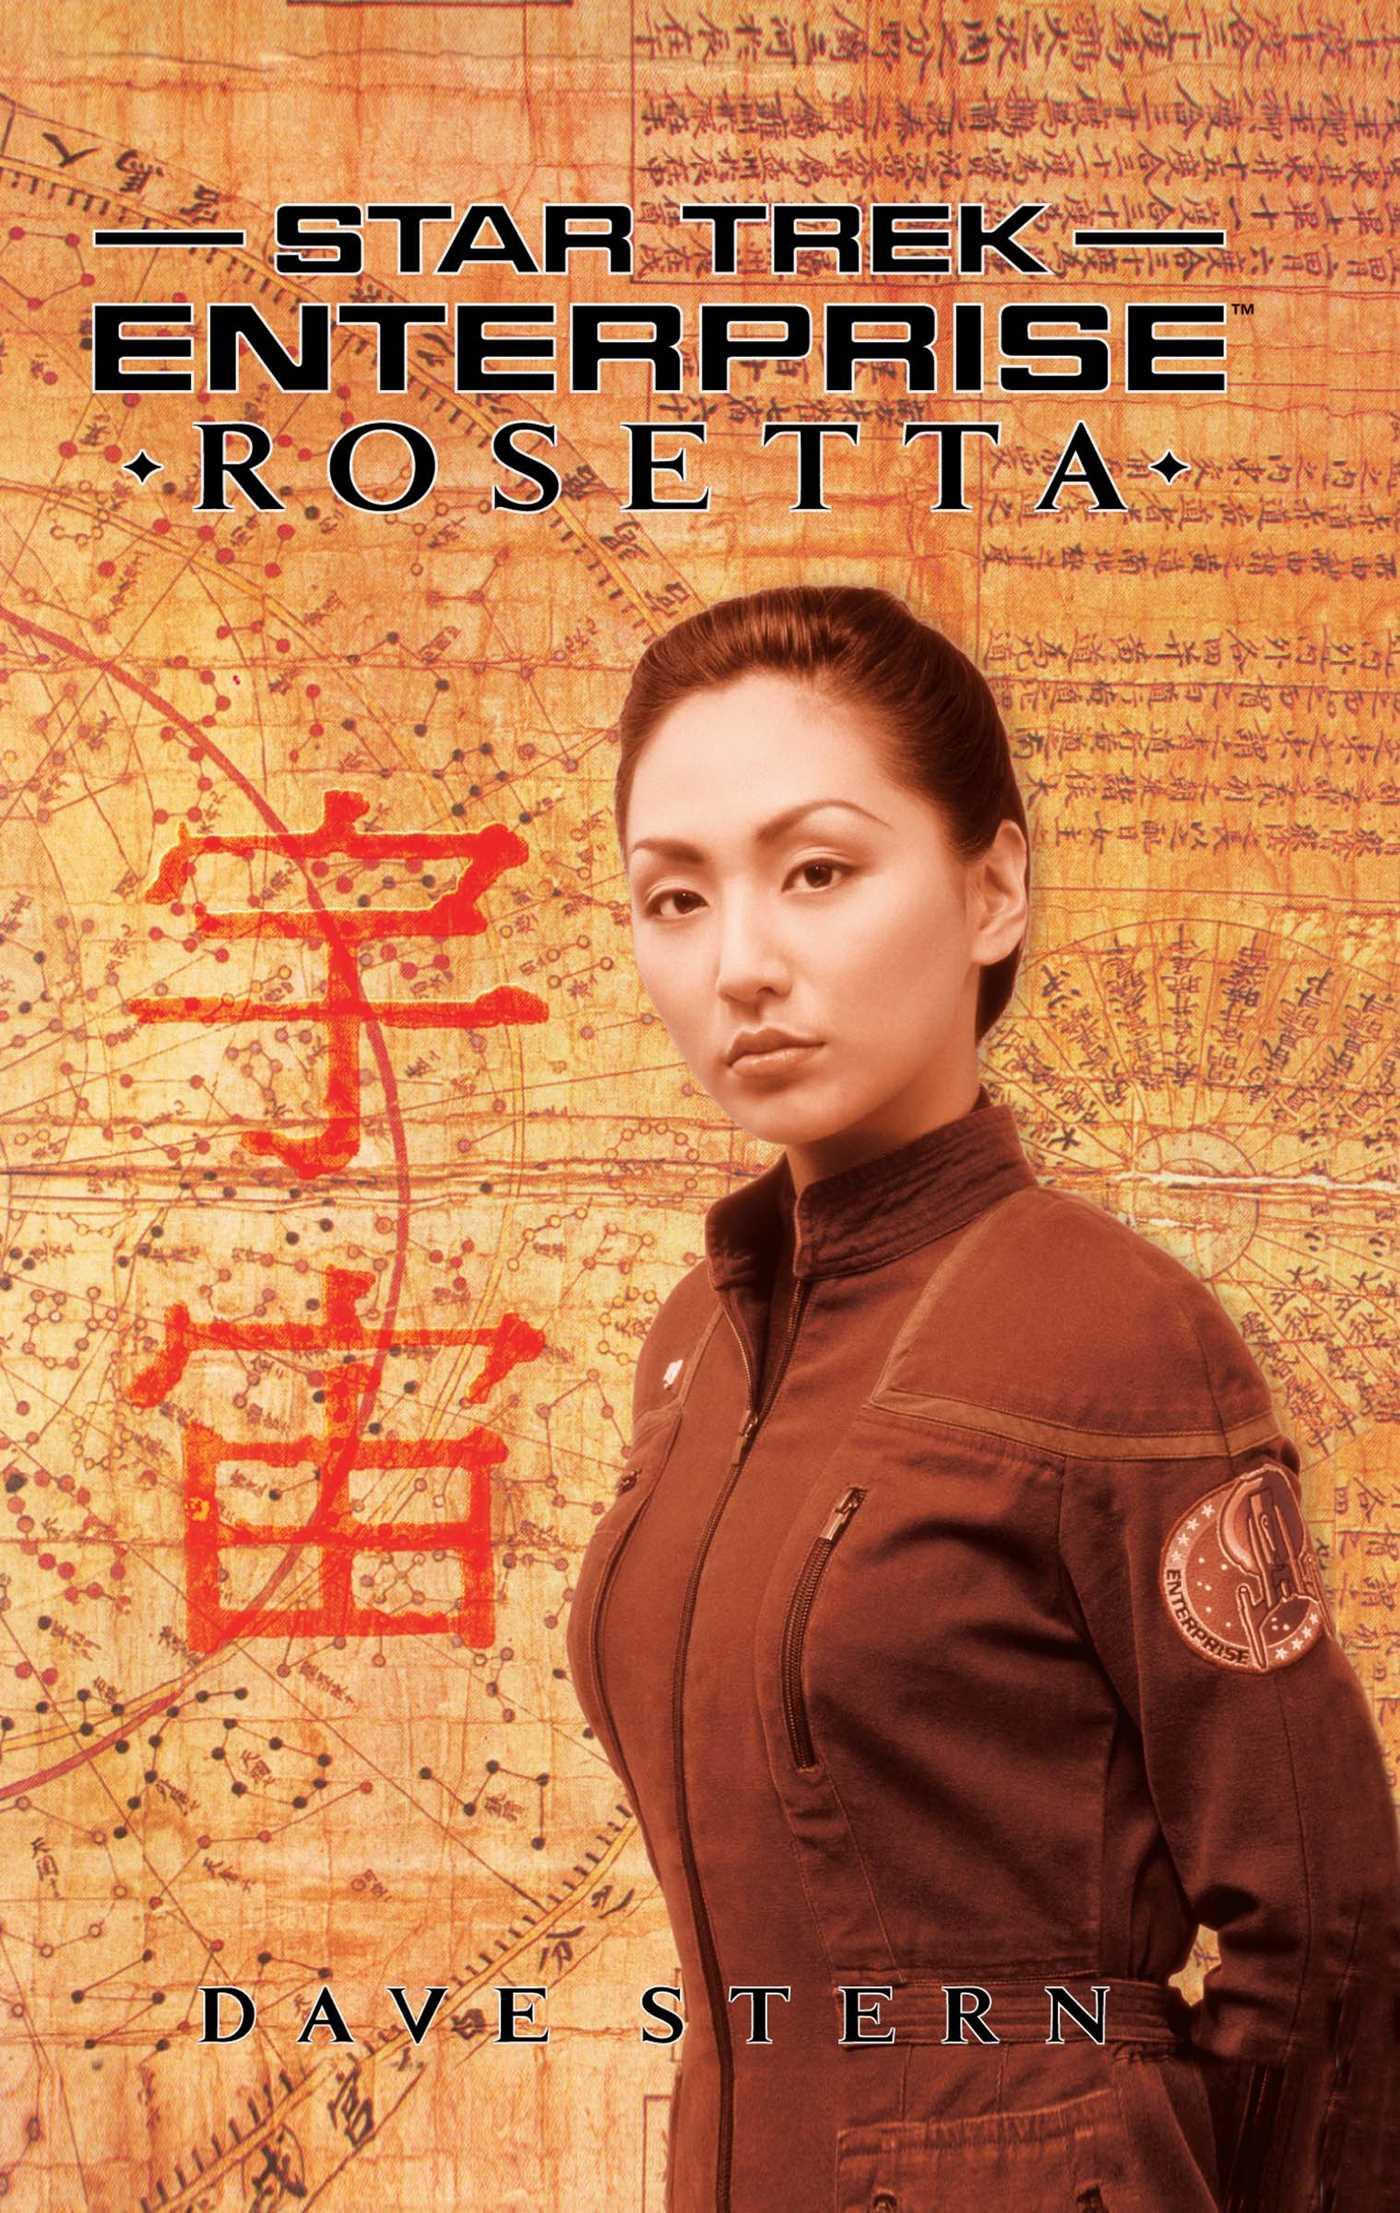 Star trek enterprise rosetta 9781451613438 hr